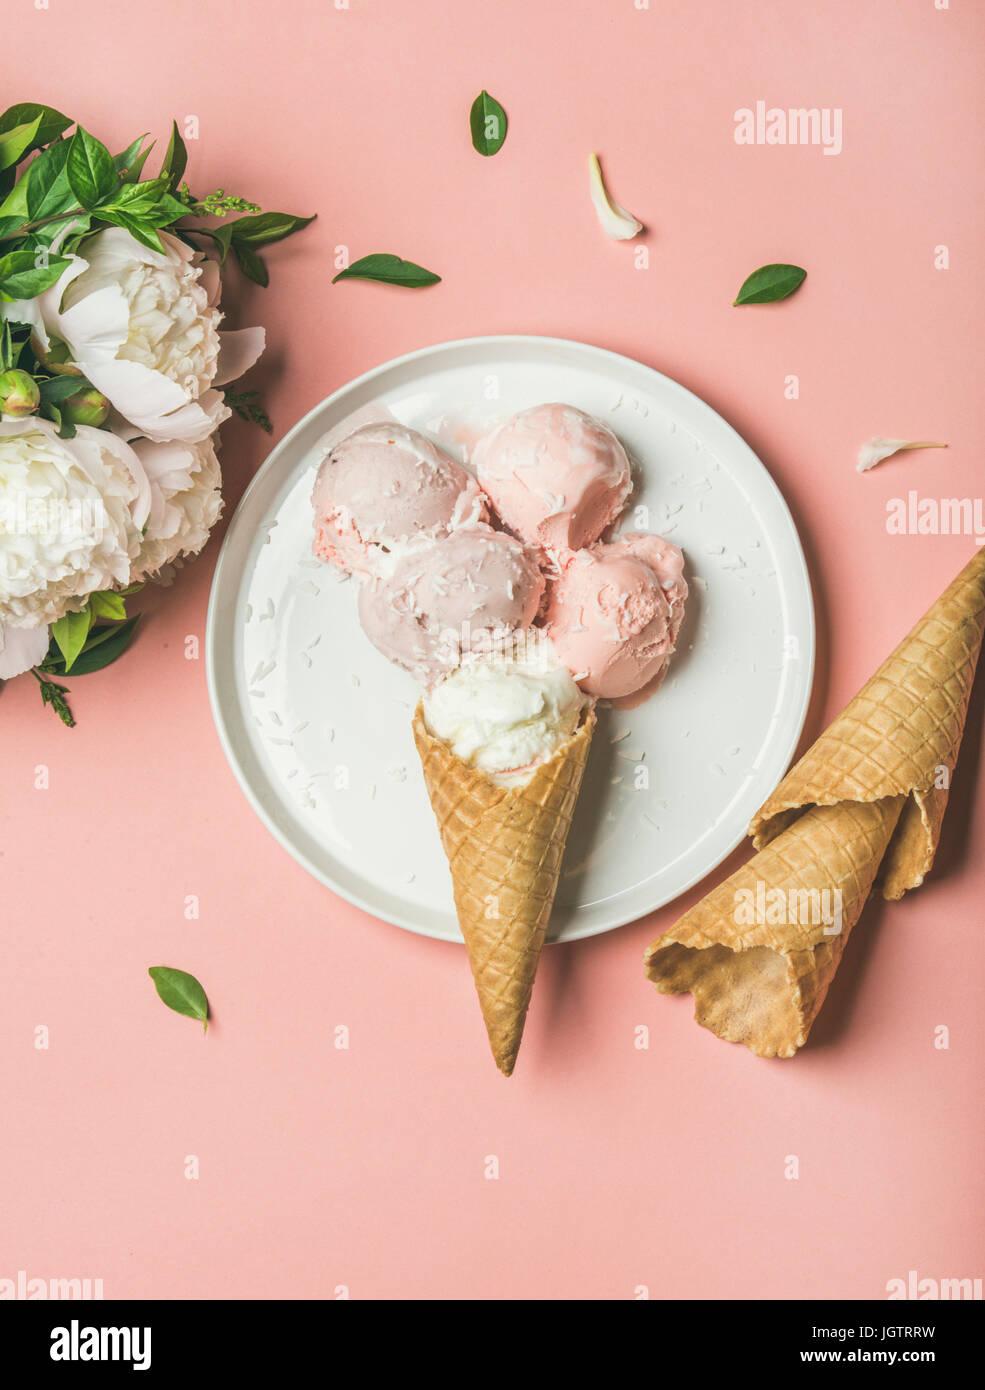 Flatlay Pastell rosa Erdbeer-Kokos-Eis schöpft, süße Zapfen auf weißem Teller und weißen Stockbild